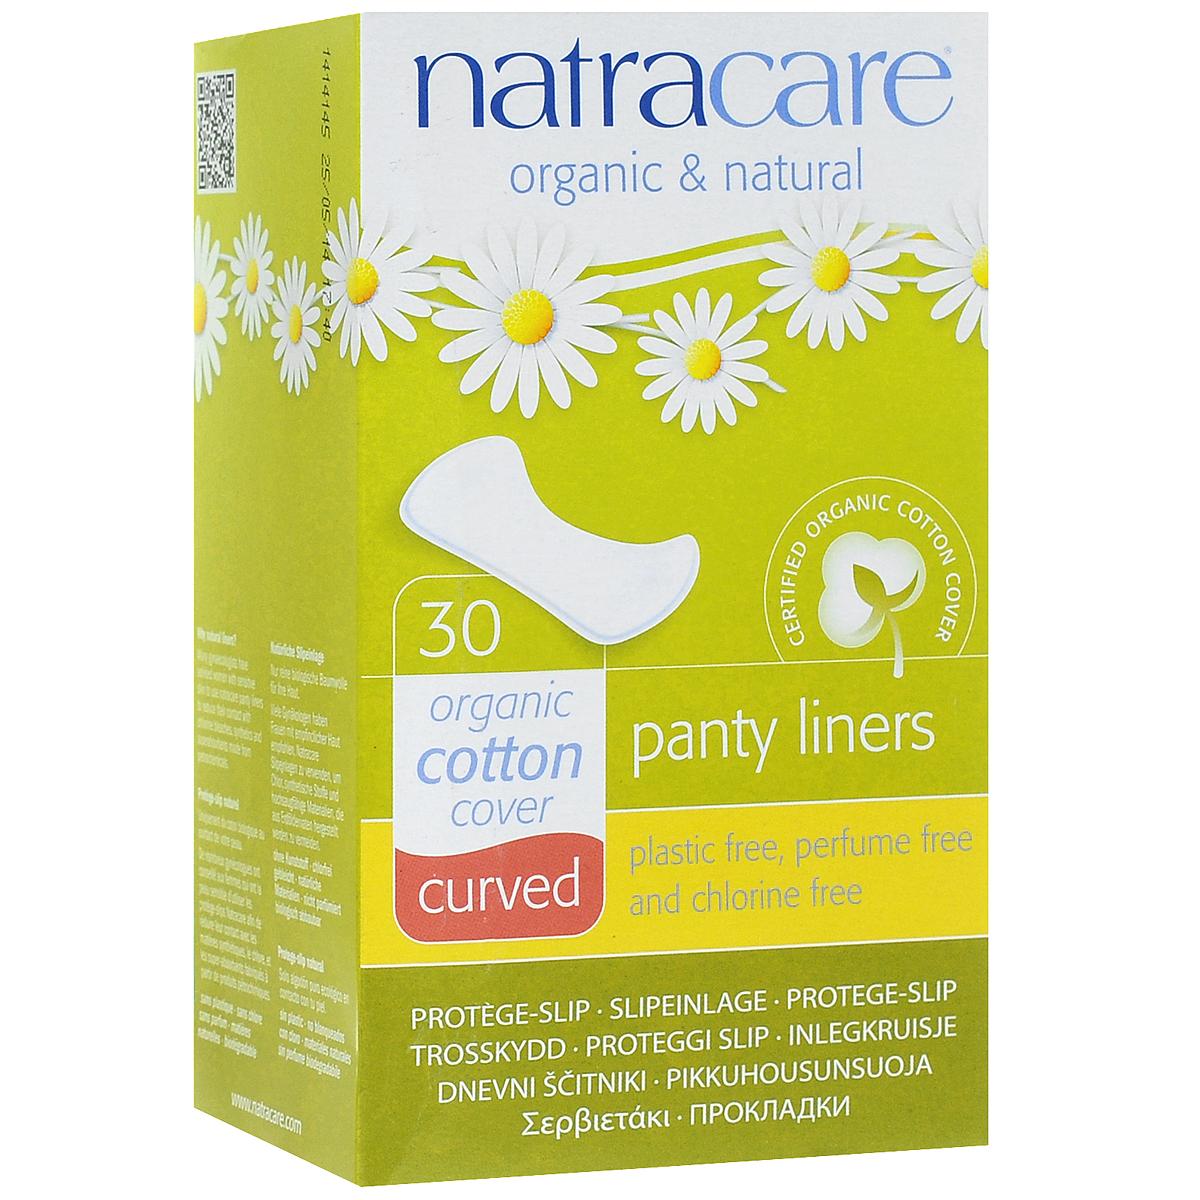 Natracare Ежедневные прокладки Curved, 30 штНС000Прокладки Natracare Curved, повторяющие анатомическую форму тела, предназначены для ежедневного использования, чтобы защитить нижнее белье и сохранить чувство свежести. Каждая прокладка снабжена влагонепроницаемым барьером. Прокладки изготовлены из 100% Био-хлопка - экологически чистого продукта, выращенного без использования пестицидов, не содержат вредные ингредиенты, не отбелены хлором, и полностью разлагаются после применения. В производстве прокладок использовался биопласт - пластик нового поколения, изготовленный из кукурузного крахмала, без ГМО. Он воздухопроницаемый, но не пропускает жидкость. В противоположность обычным пластикам, биопласт изготовлен из растительных материалов и биоразлагается. Товар сертифицирован.